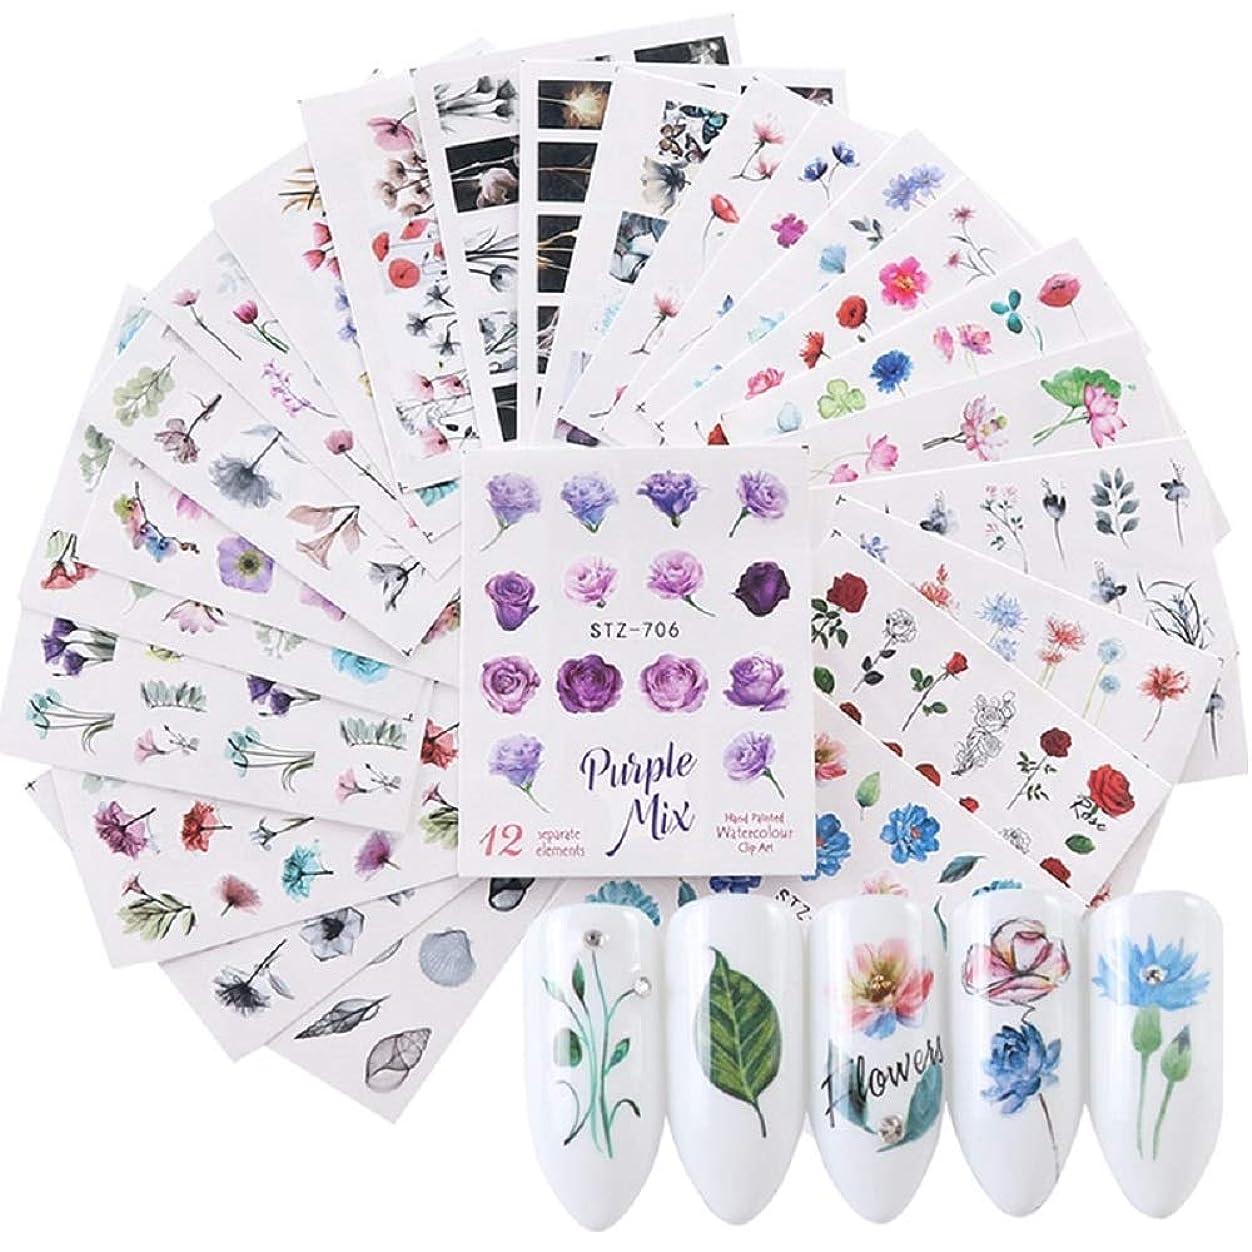 侵入する平和靴下24pcs Watercolor Floral Flower Sticker Nail Decals Set Flamingo Sea Horse Designs Gel Manicure Decor Water Slider 水彩フラワーフラワーステッカーネイルステッカーセットフラミンゴシーホースデザインジェルマニキュア装飾水スライダー